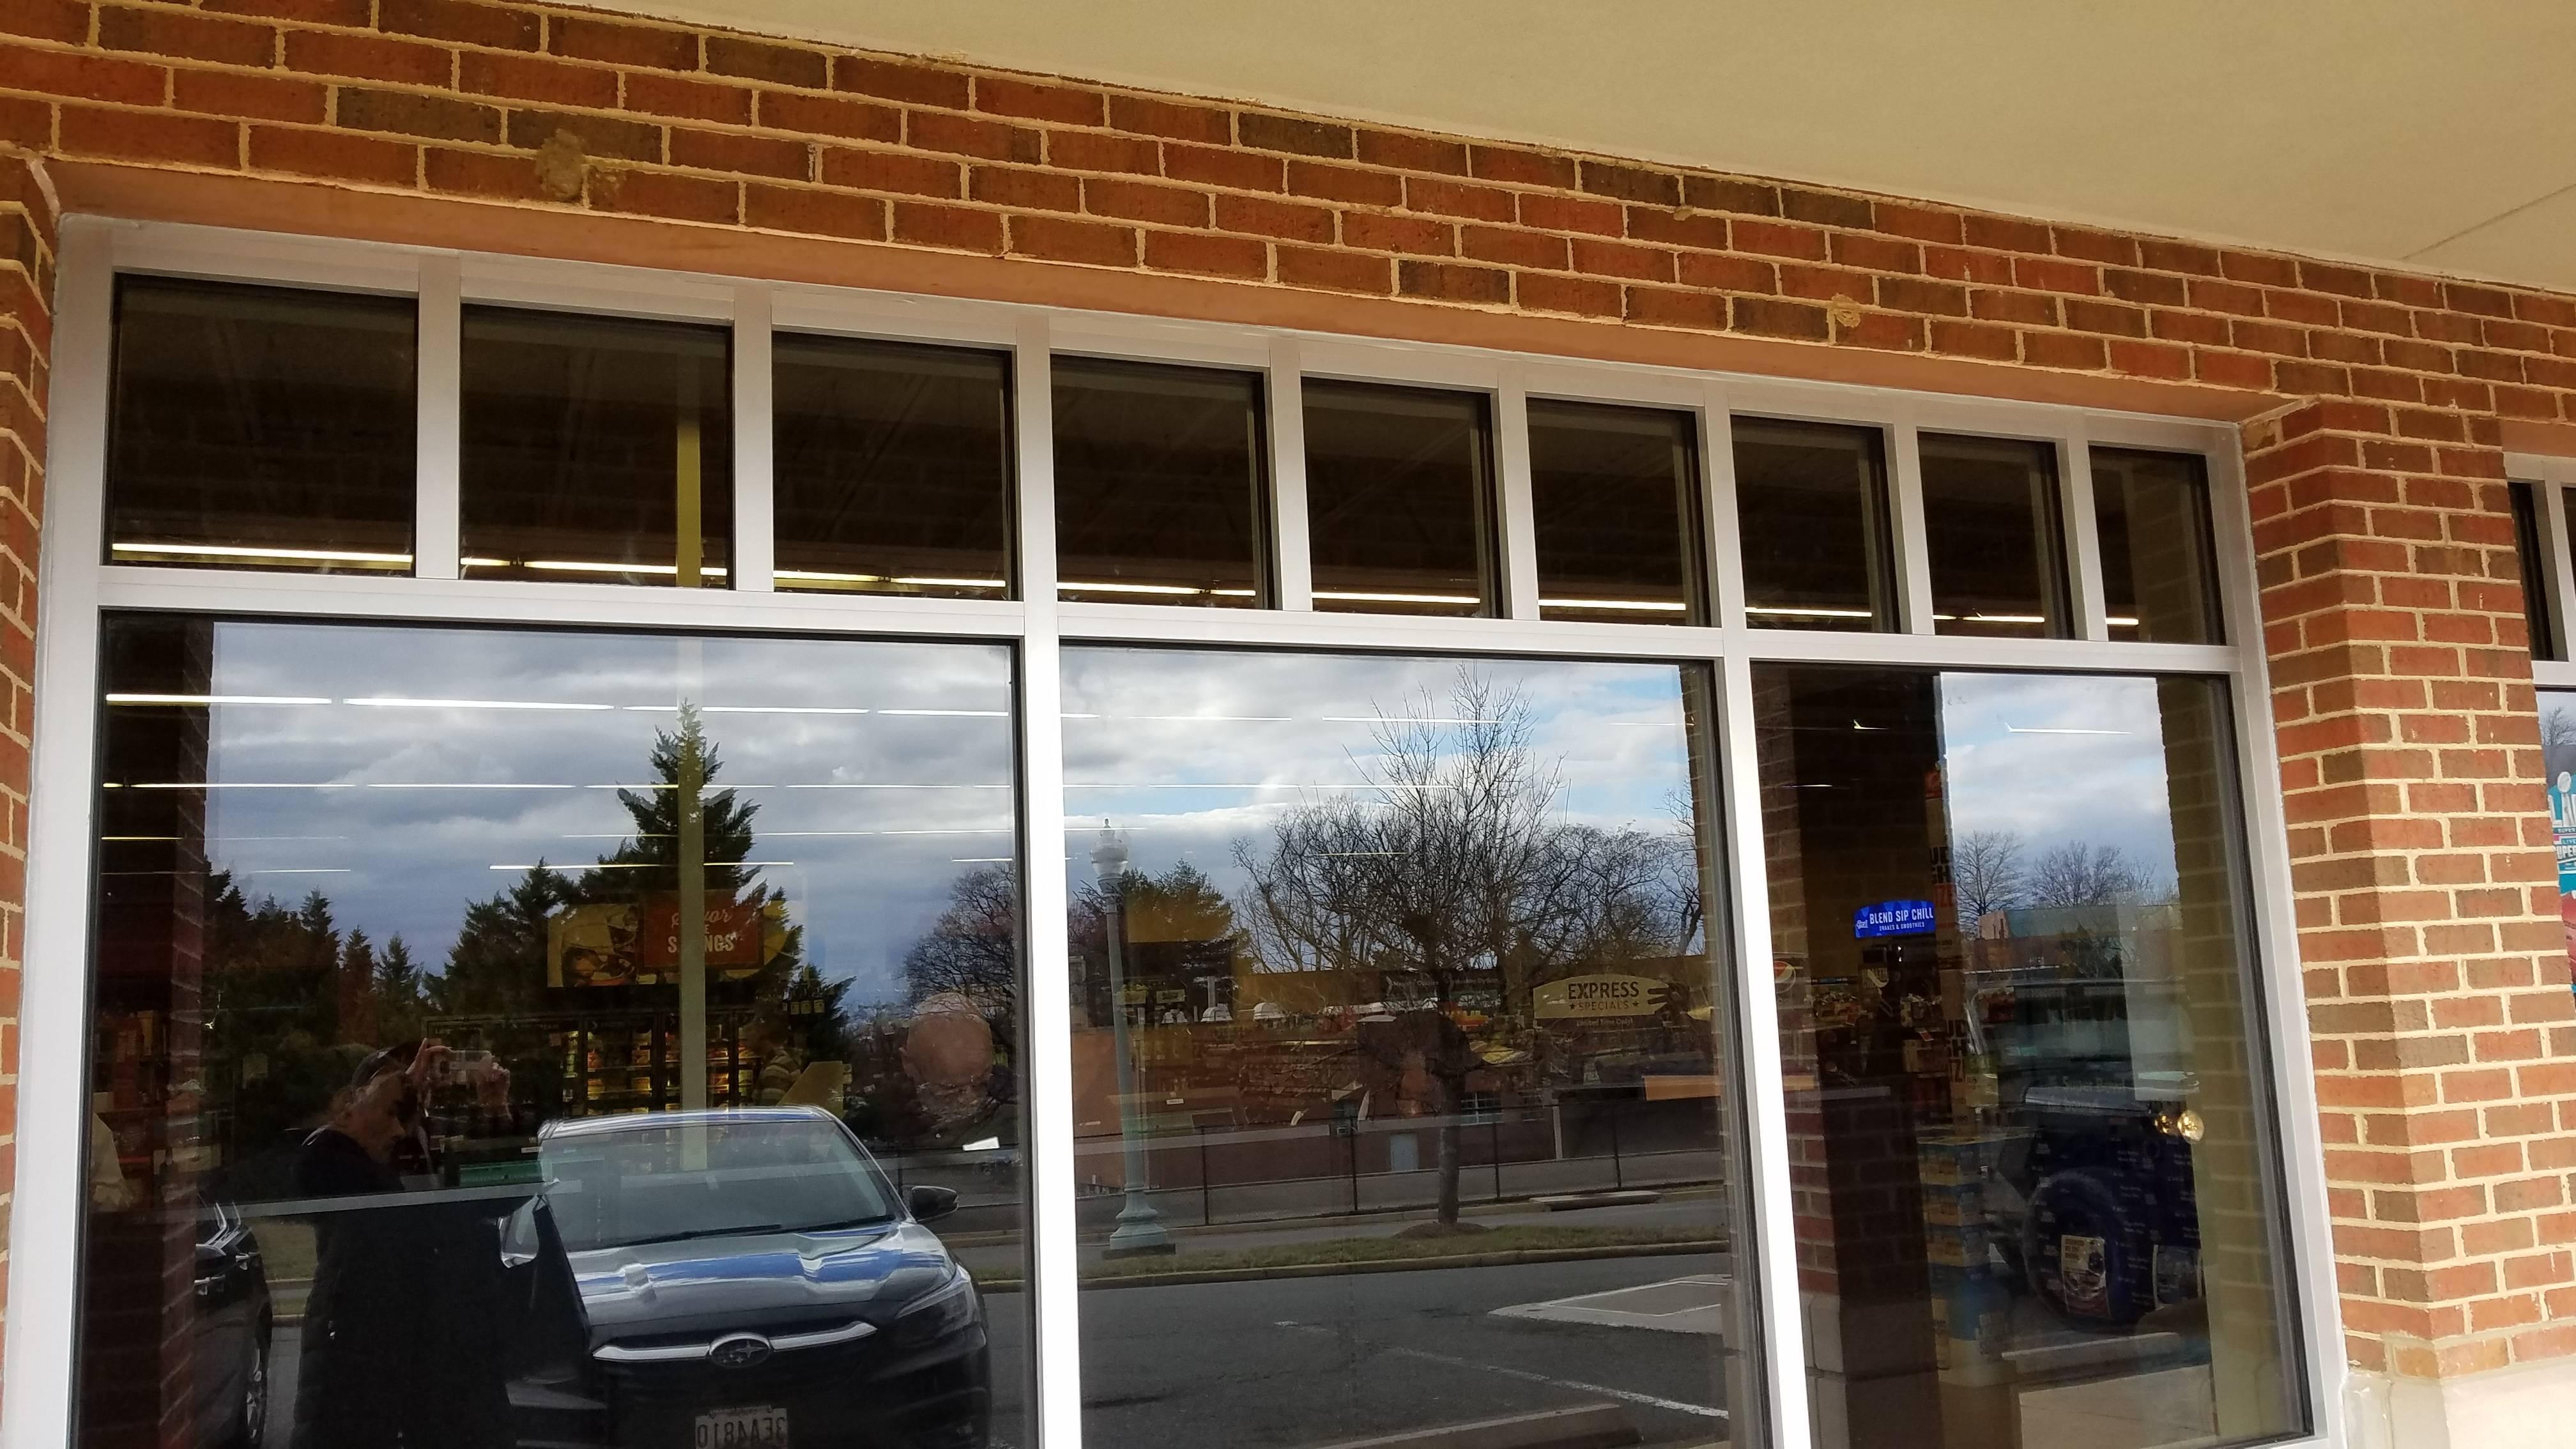 Shoppette Window After